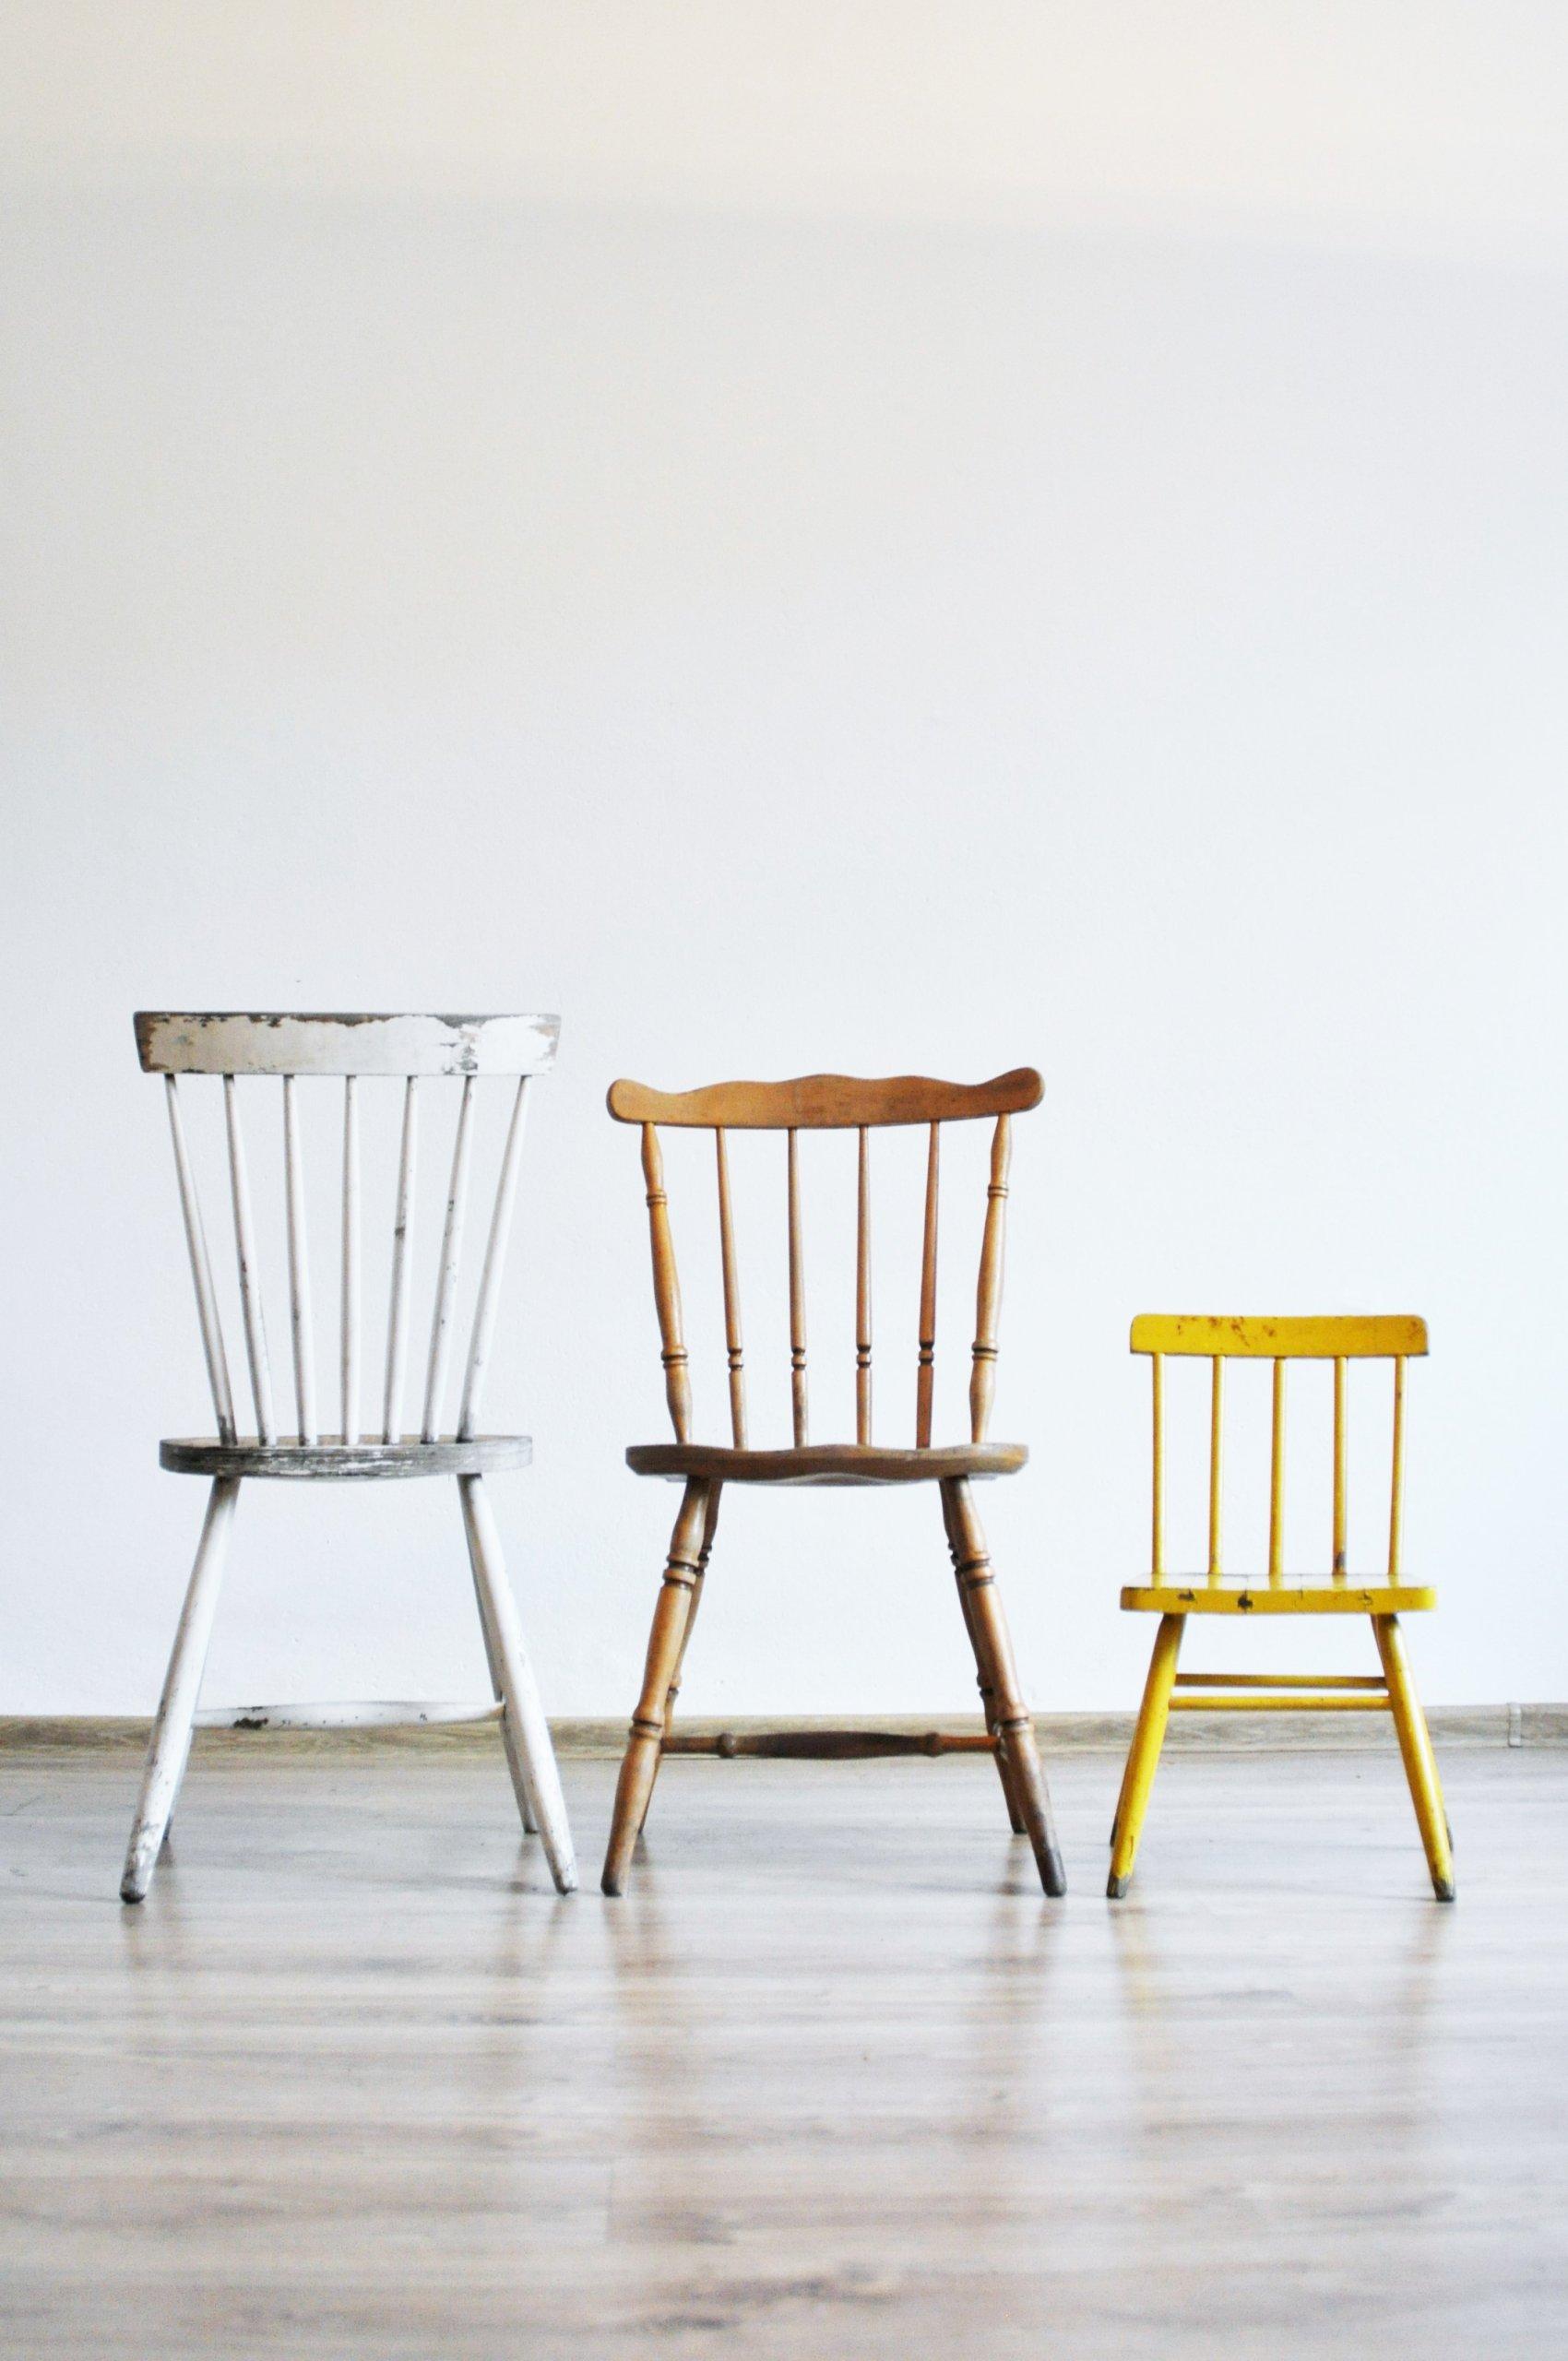 Niewiarygodnie Retro Vintage krzesło w stylu King Edward, lata 60 - 7315336720 EY34